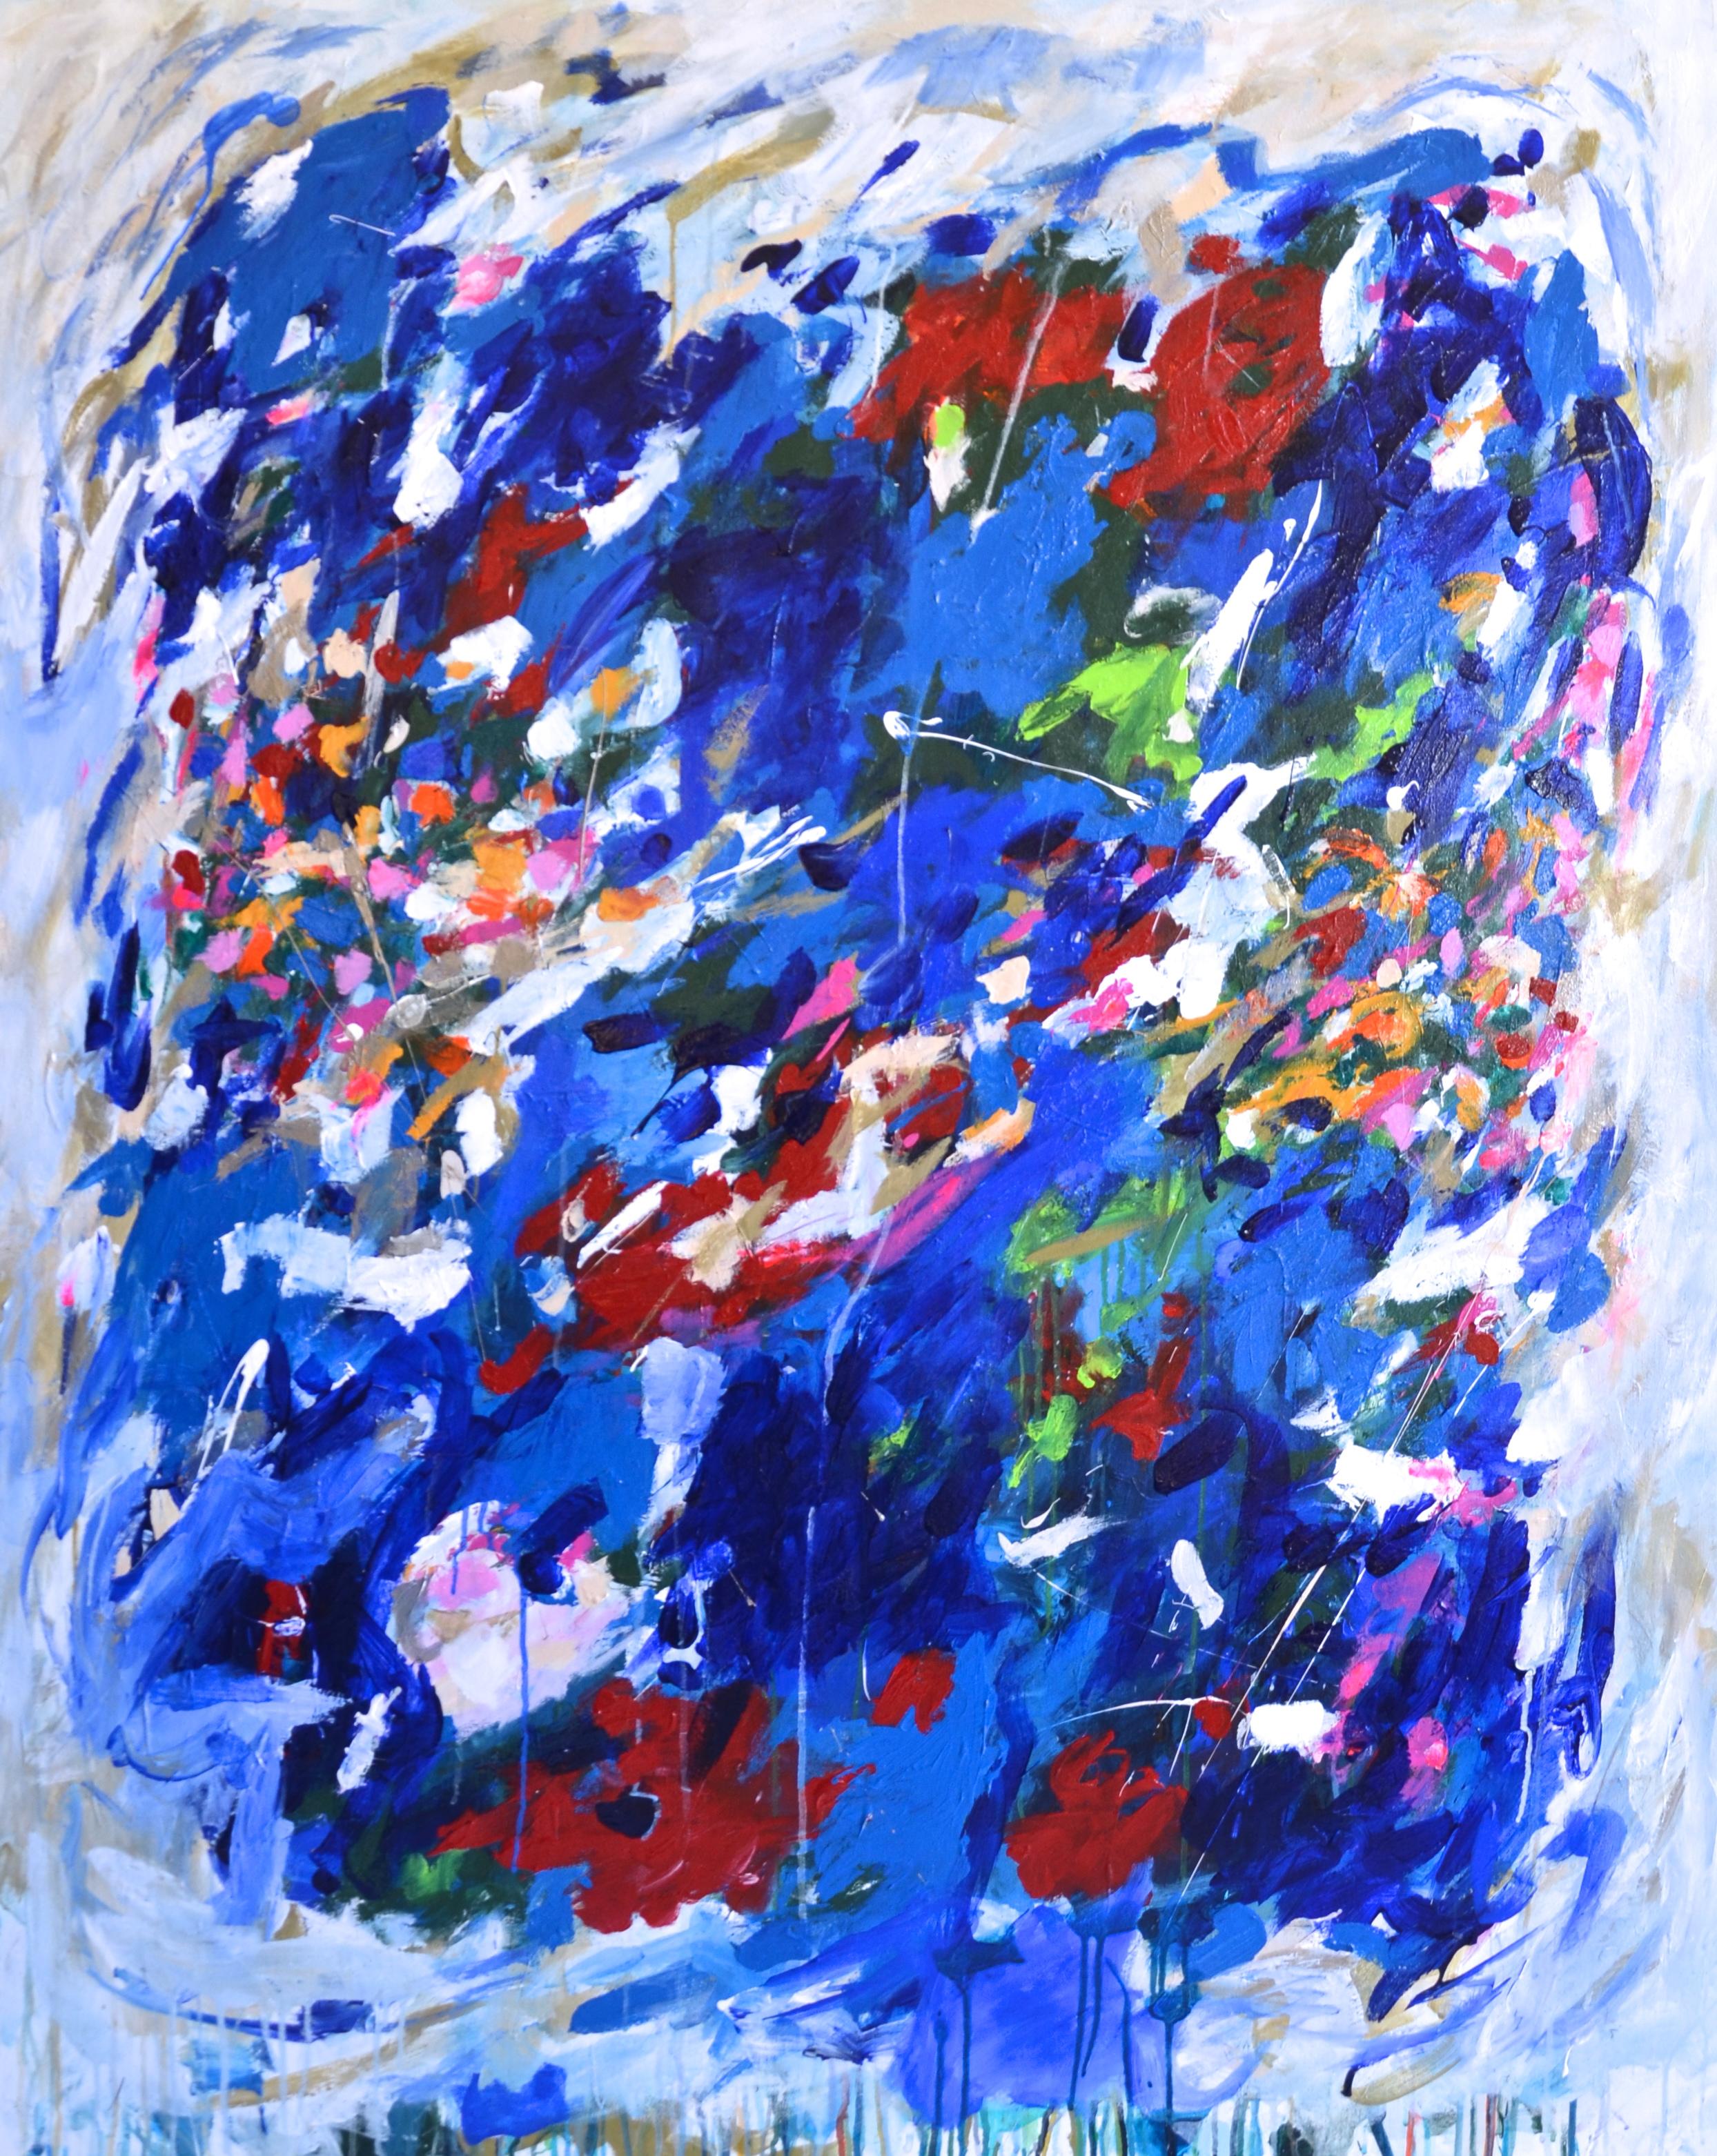 Blue Mitchell, acrylic & mixed media